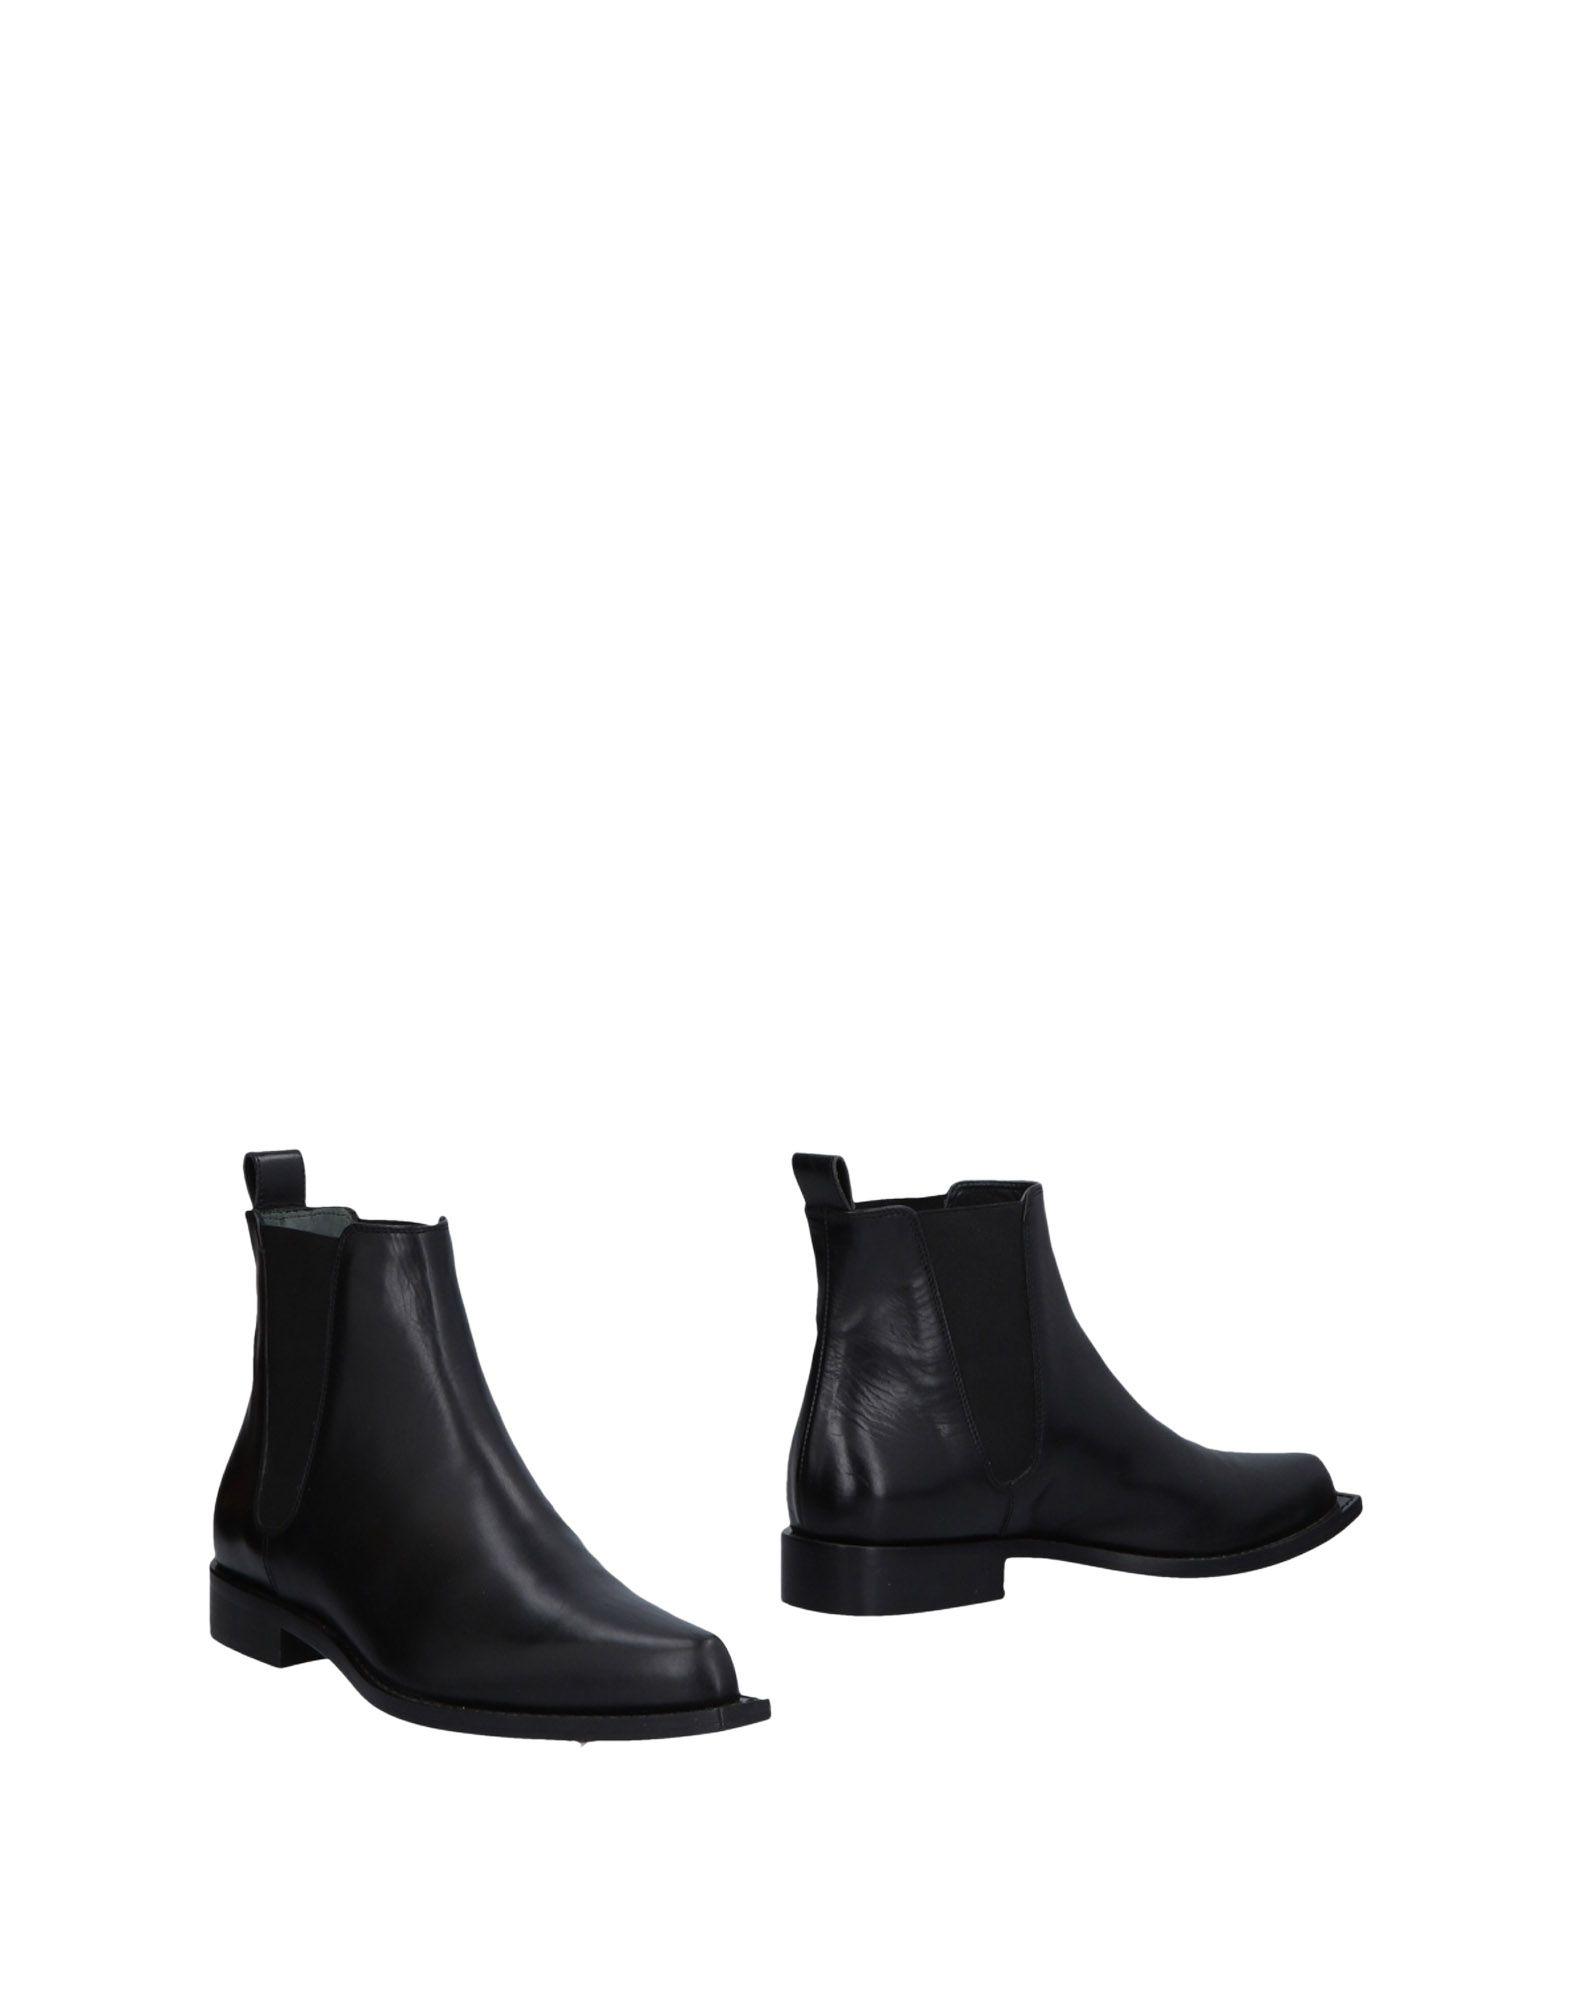 Stilvolle billige Schuhe Damen Plein Sud Chelsea Stiefel Damen Schuhe  11476203LV 50aca2